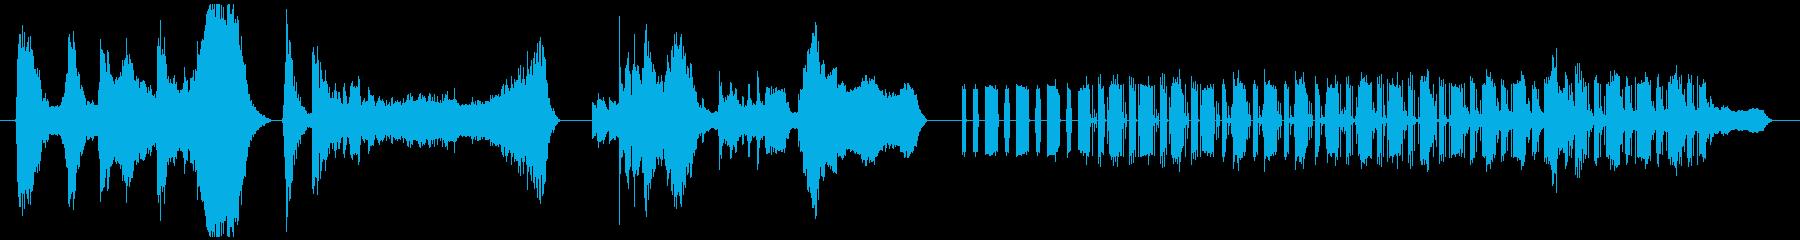 山の夕焼けと重低音の調べの再生済みの波形